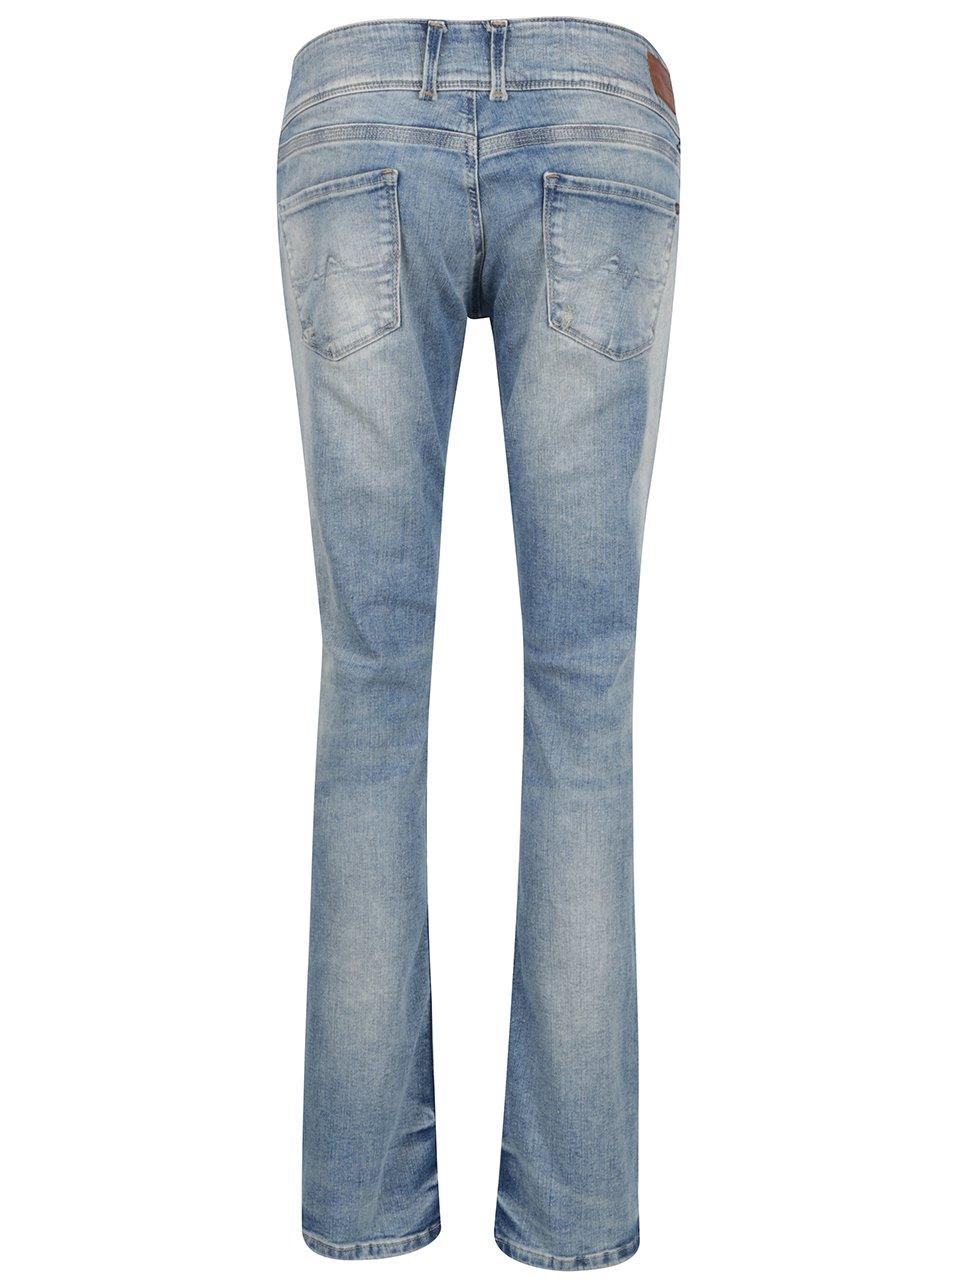 Světle modré dámské slim fit džíny Pepe Jeans Vera - Akční cena ... 884cf0866c